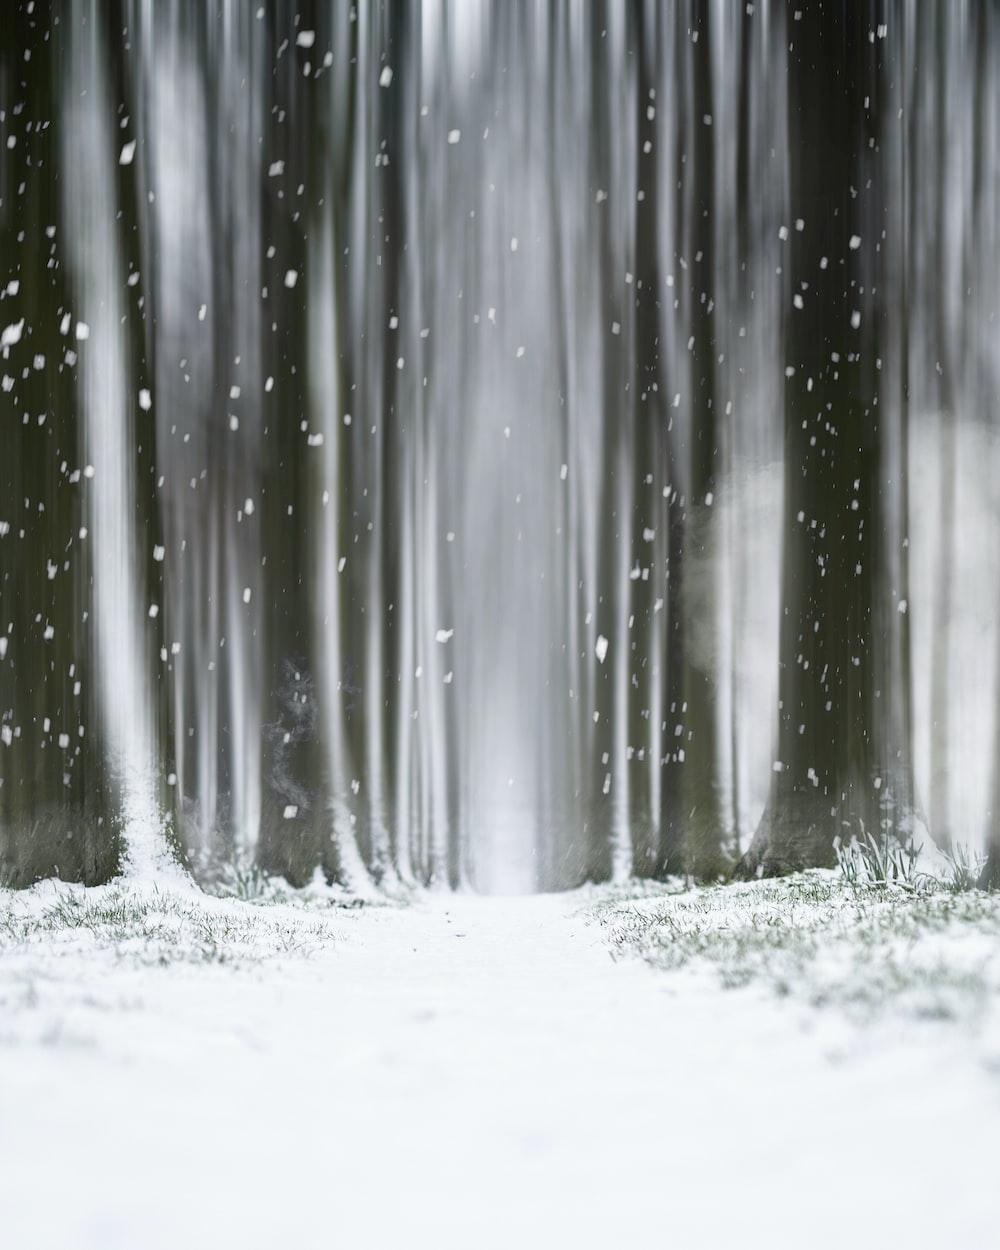 white snow on white surface